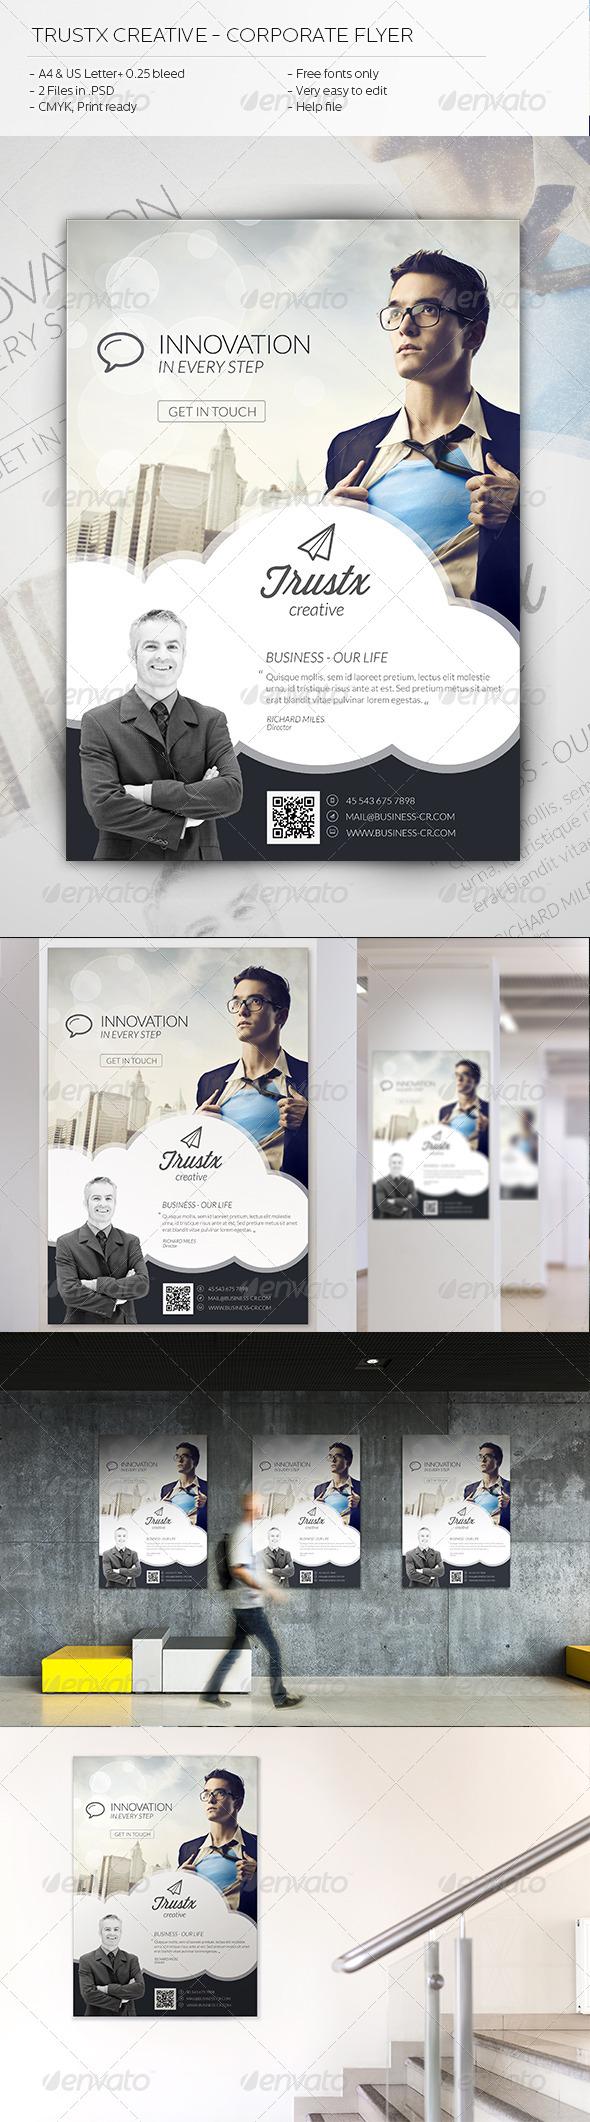 Trustx Creative - Corporate Flyer - Corporate Flyers